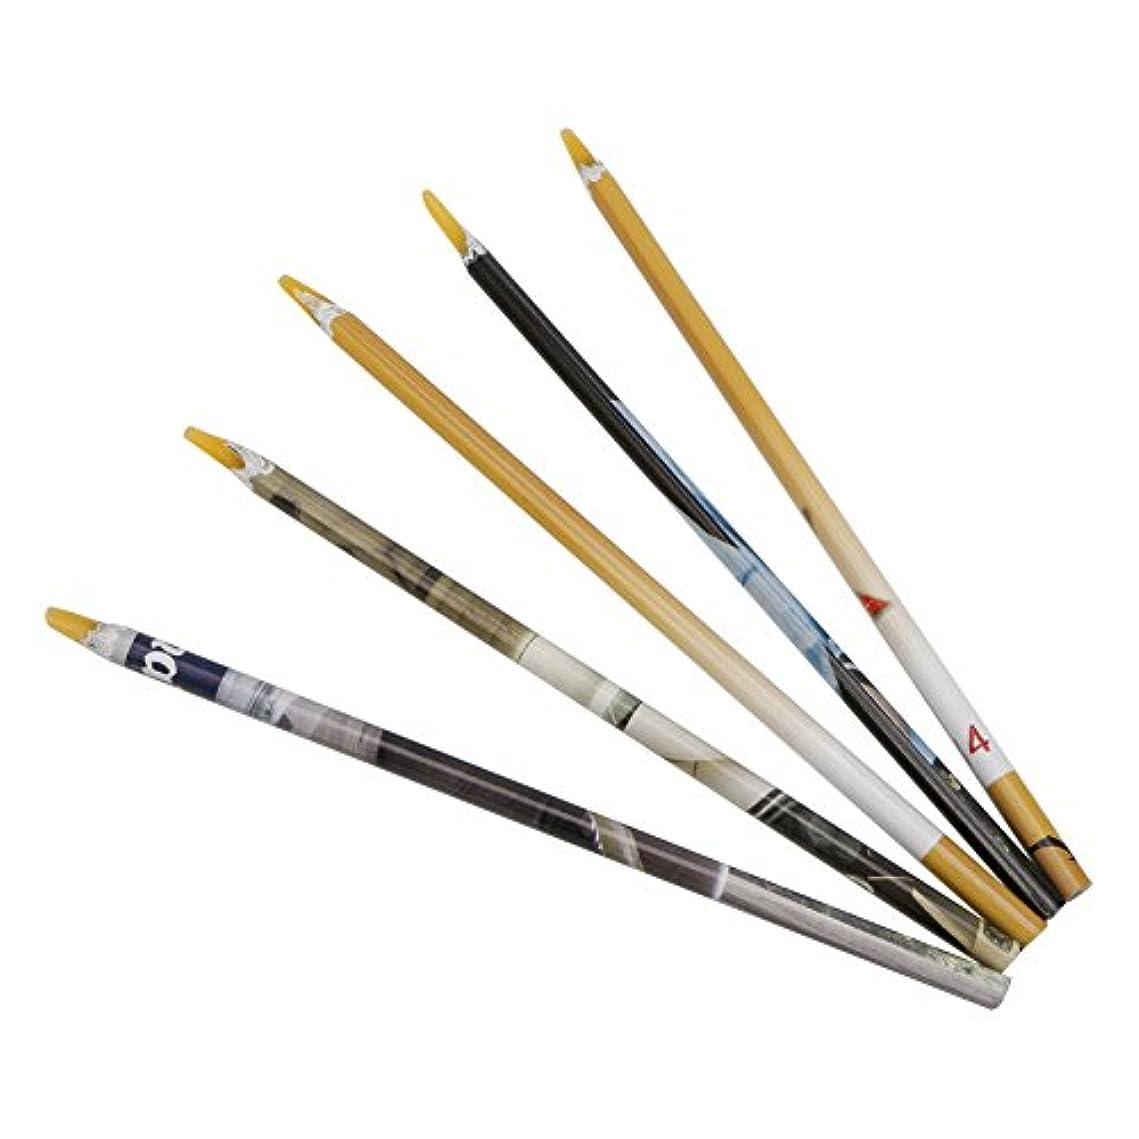 話す想像する請求可能Sharring 1 Pcネイルアートクラフトツールワックスペン宝石クリスタルラインストーンピッカー鉛筆 [並行輸入品]